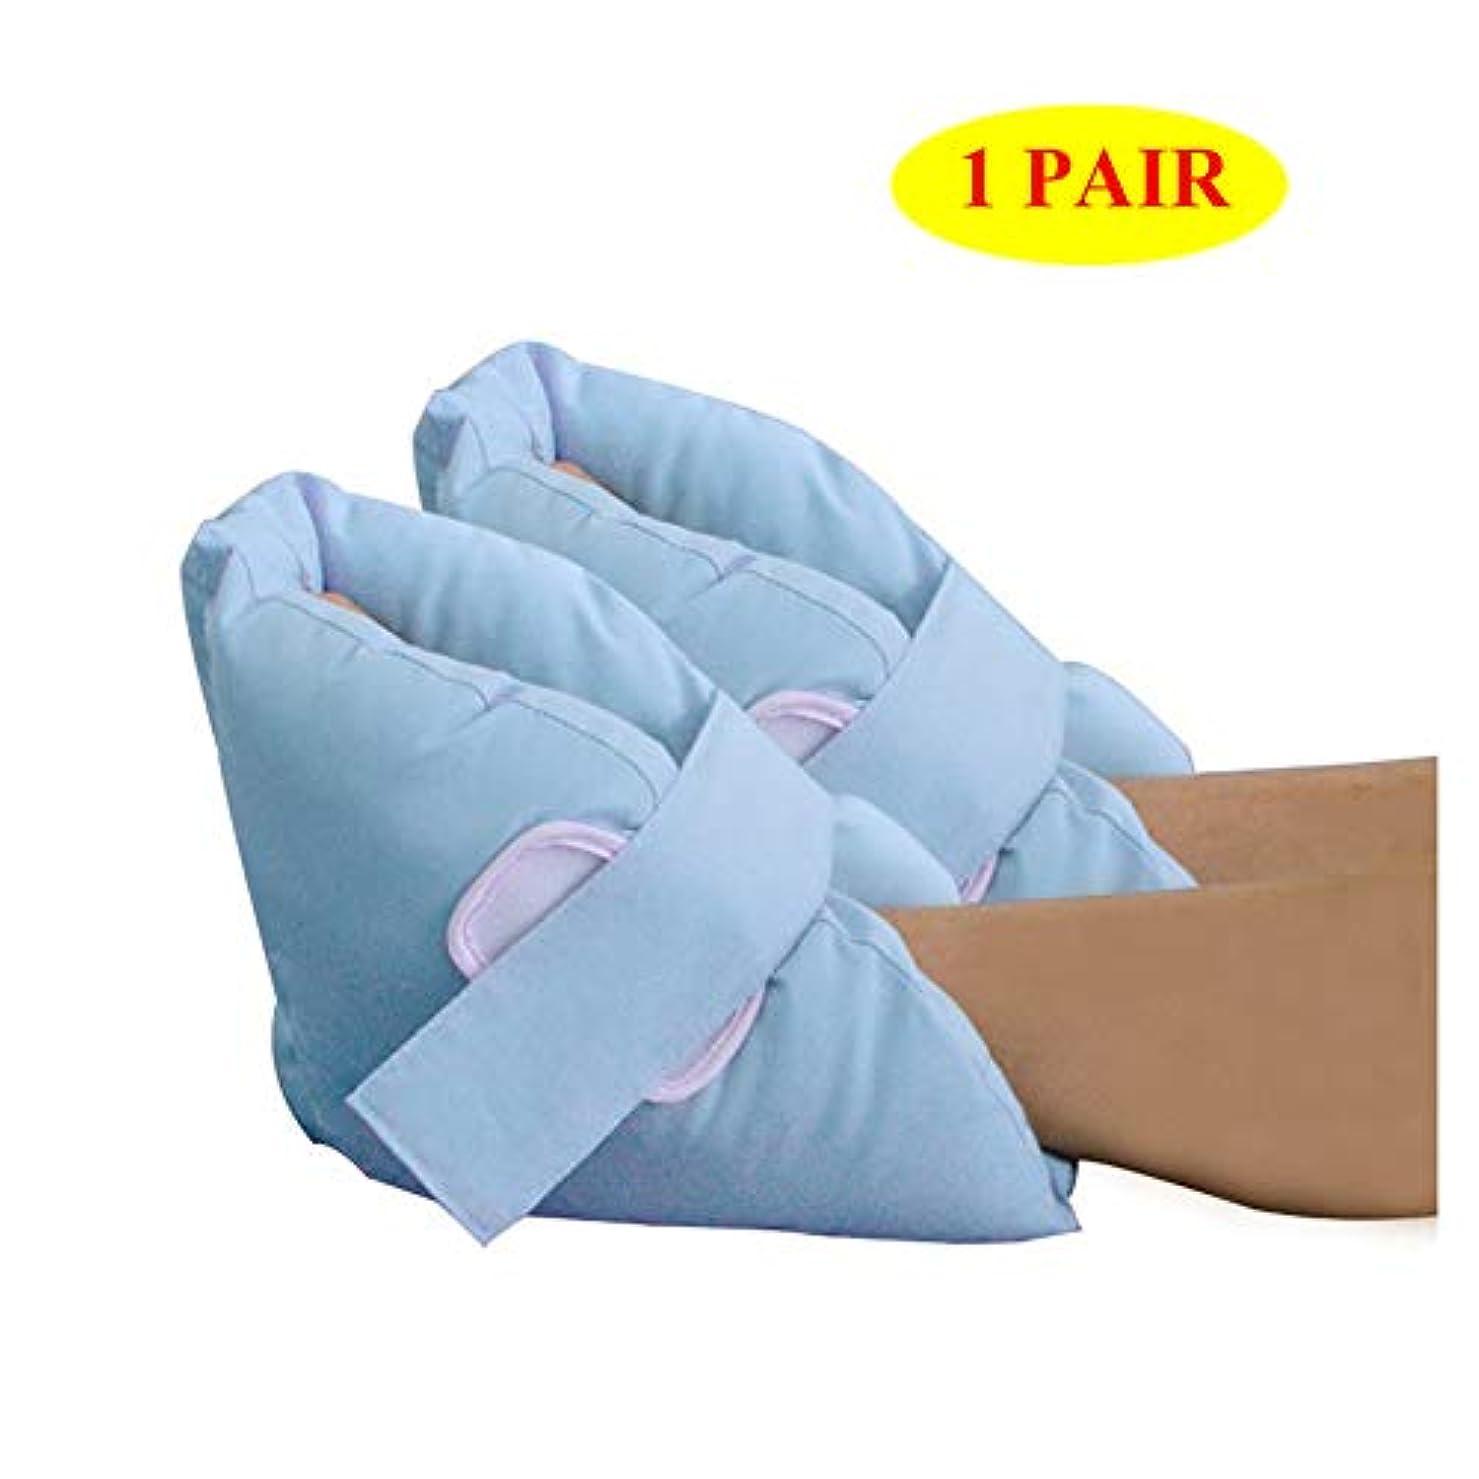 貸し手虹取るヒールクッションプロテクター1ペア - ベッド&褥瘡 足と足首の枕 - パッドガード - 足の保護、かかと -